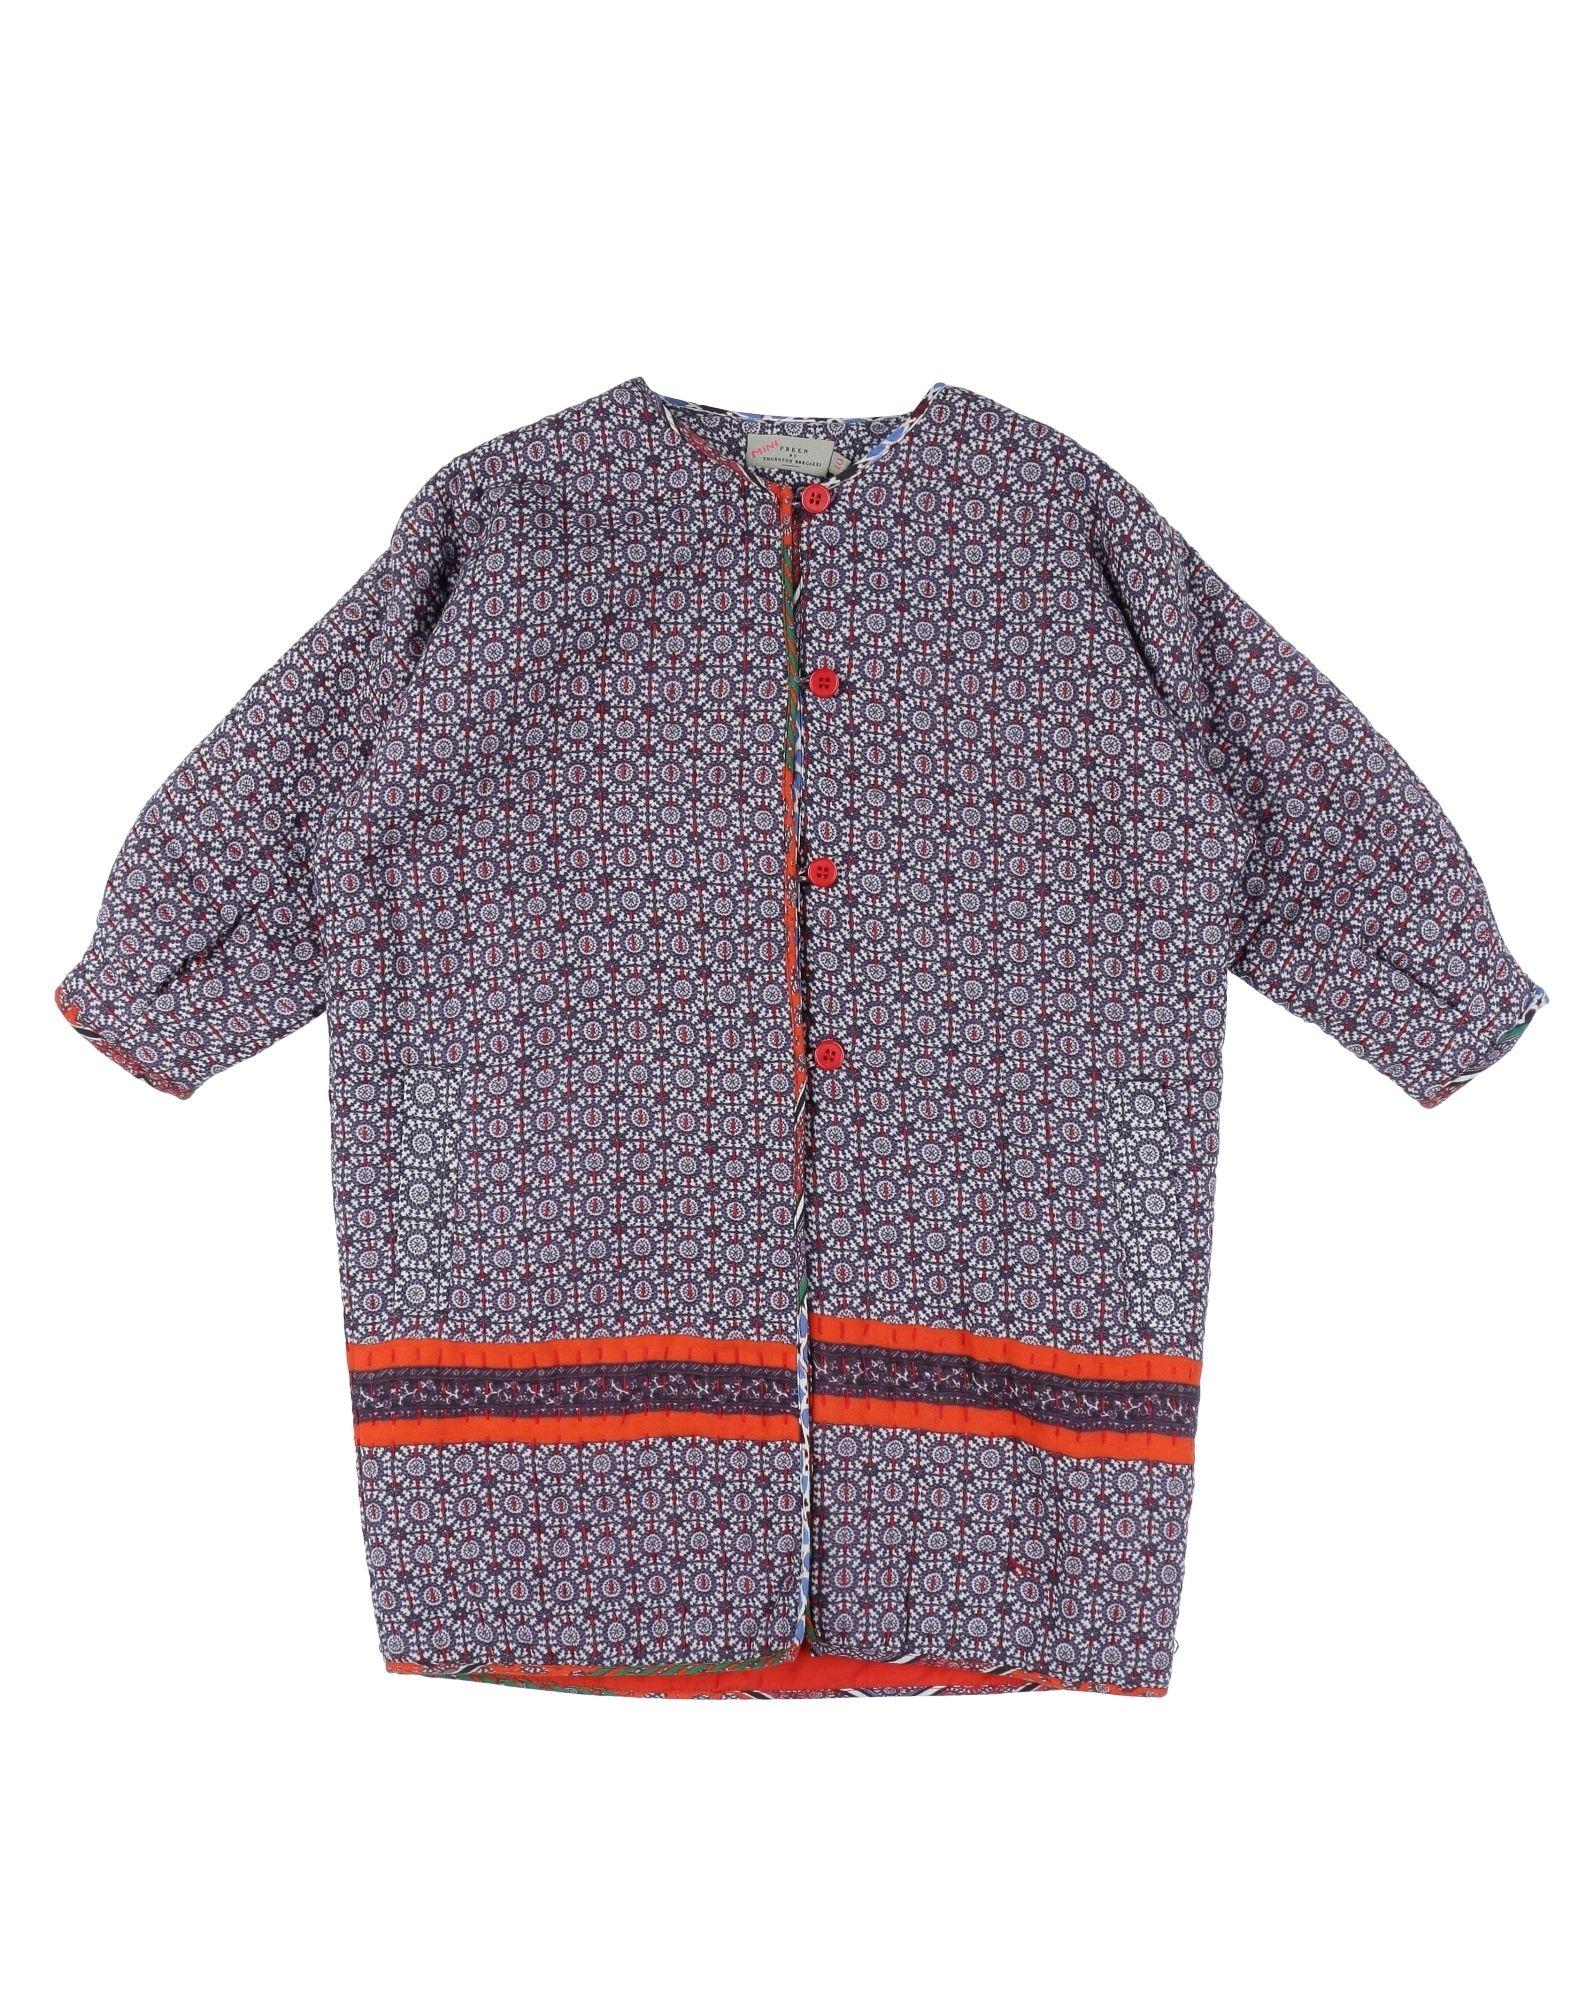 PREEN by THORNTON BREGAZZI Mädchen 9-16 jahre Lange Jacke Farbe Violett Größe 2